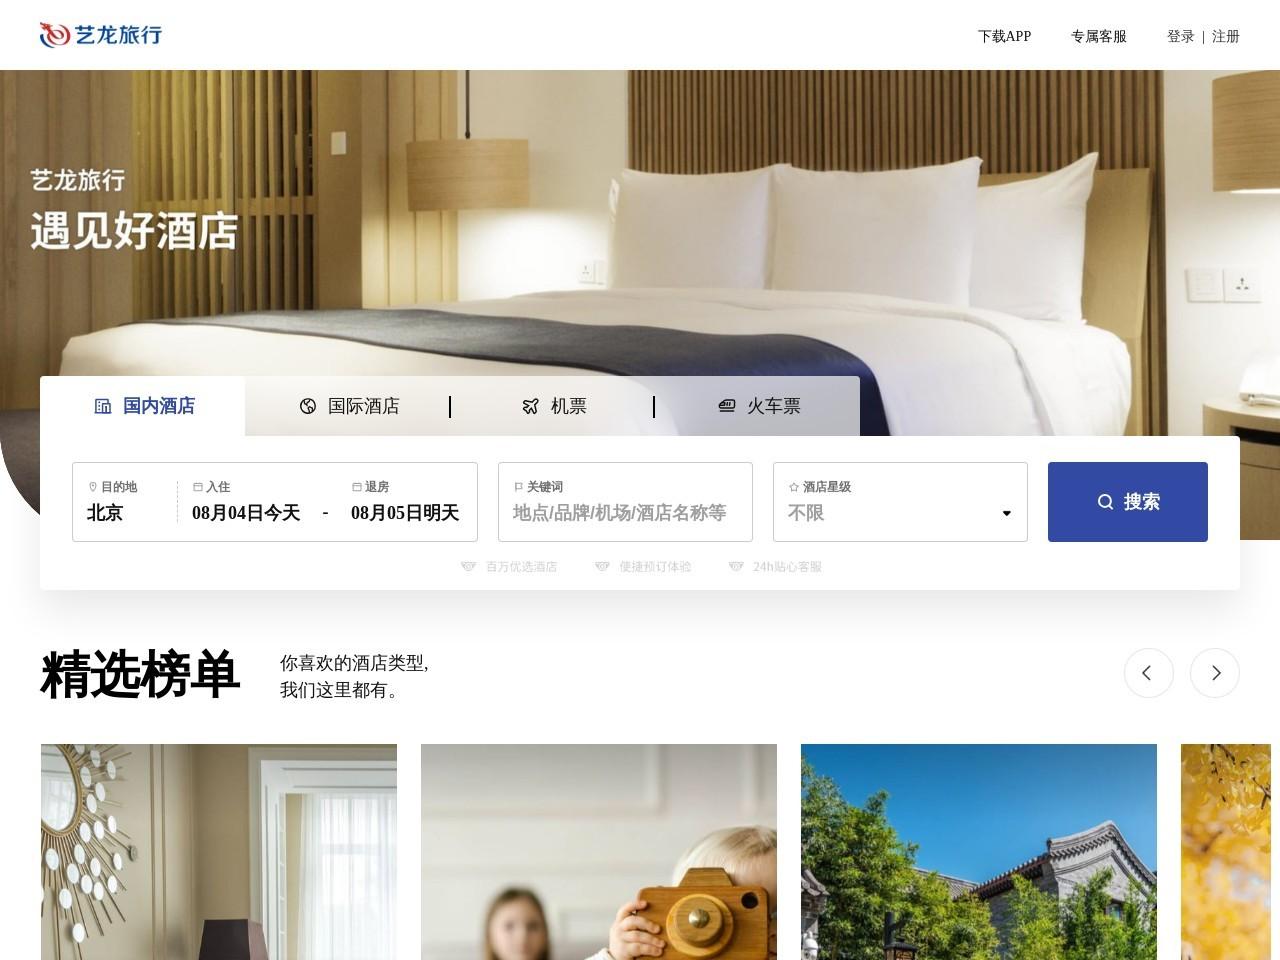 【艺龙旅行网】酒店预订_机票查询_酒店团购_电话95711